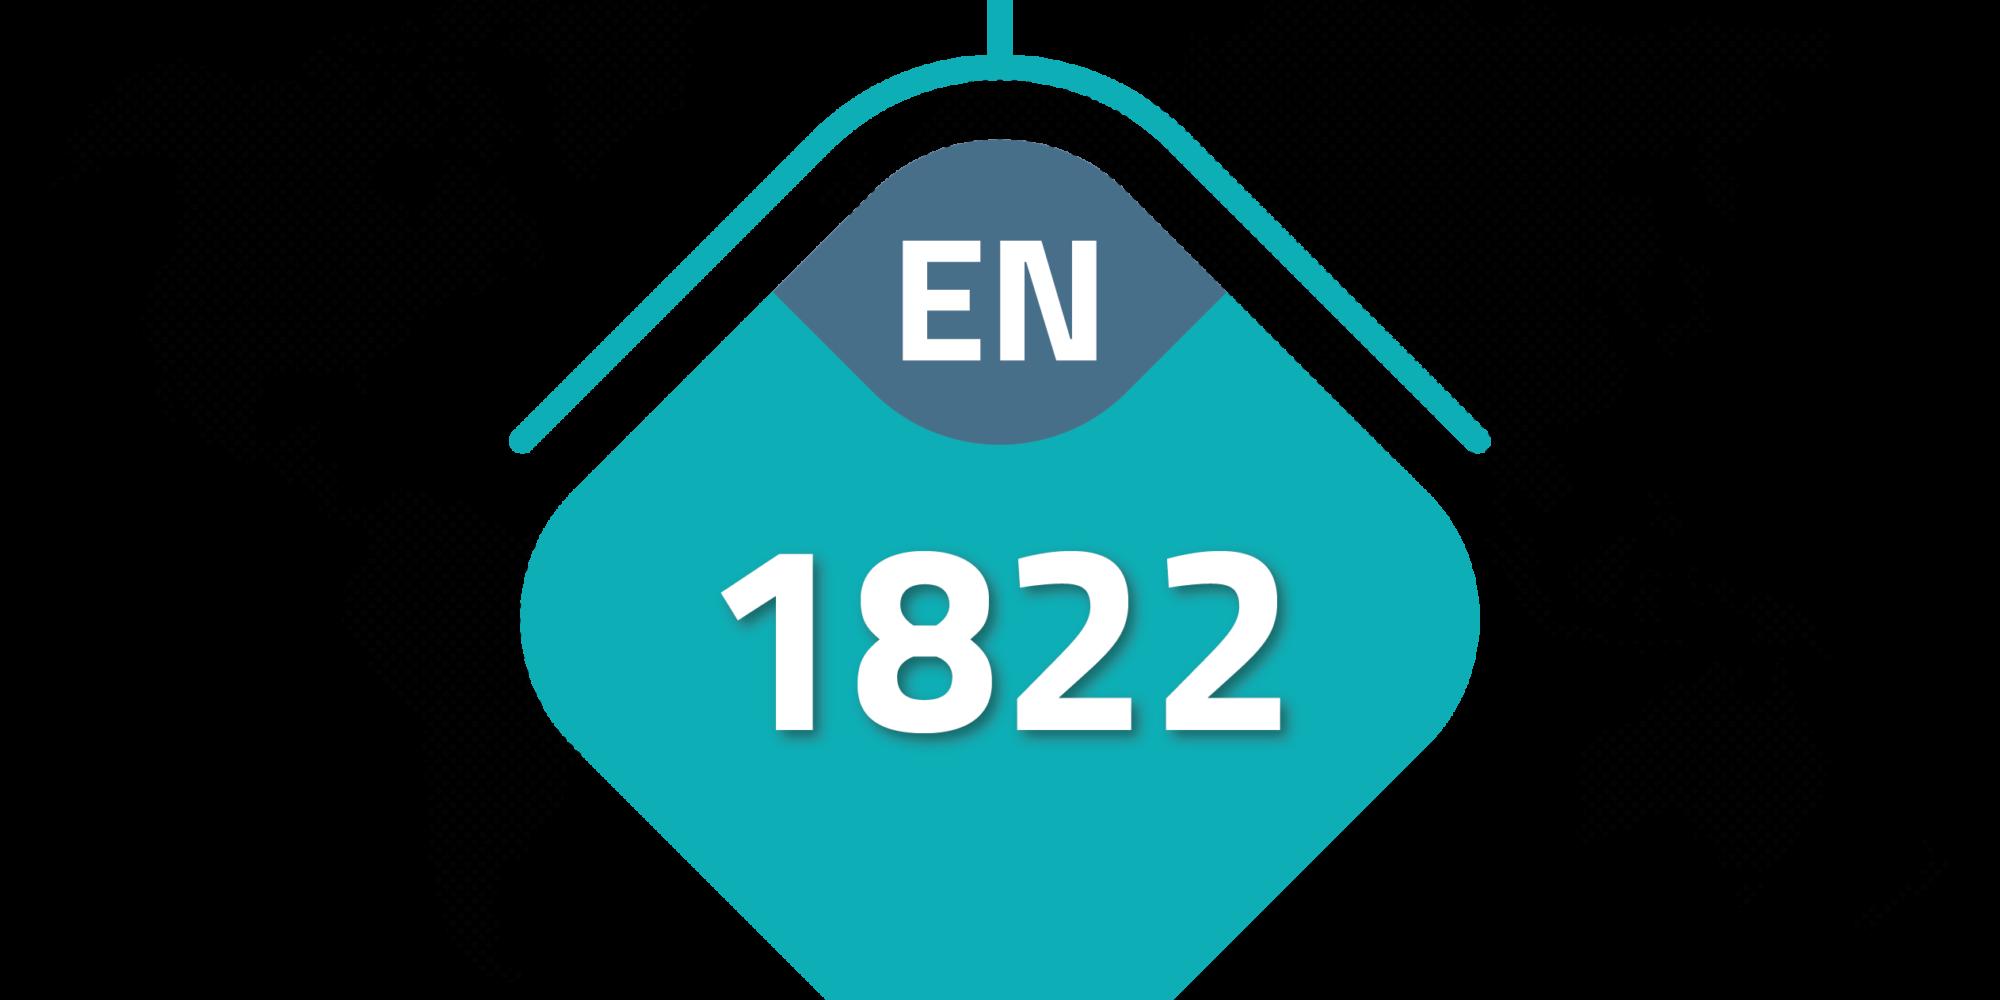 en 1822@3x